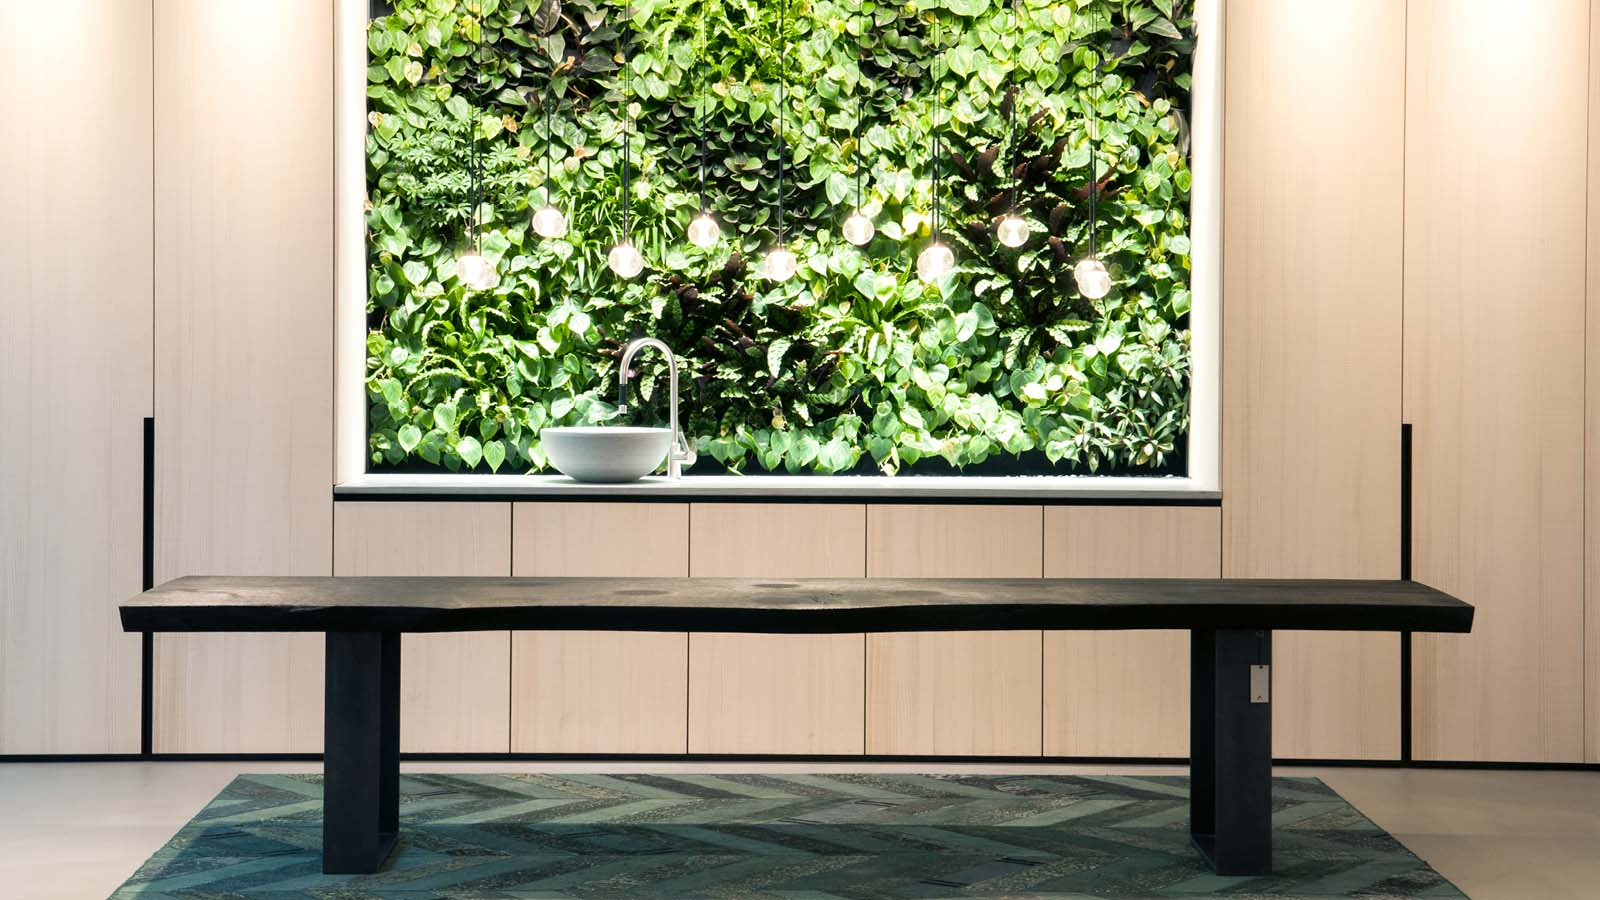 Waschbecken im Fenster mit Sicht auf eine grün bewachsene Wand